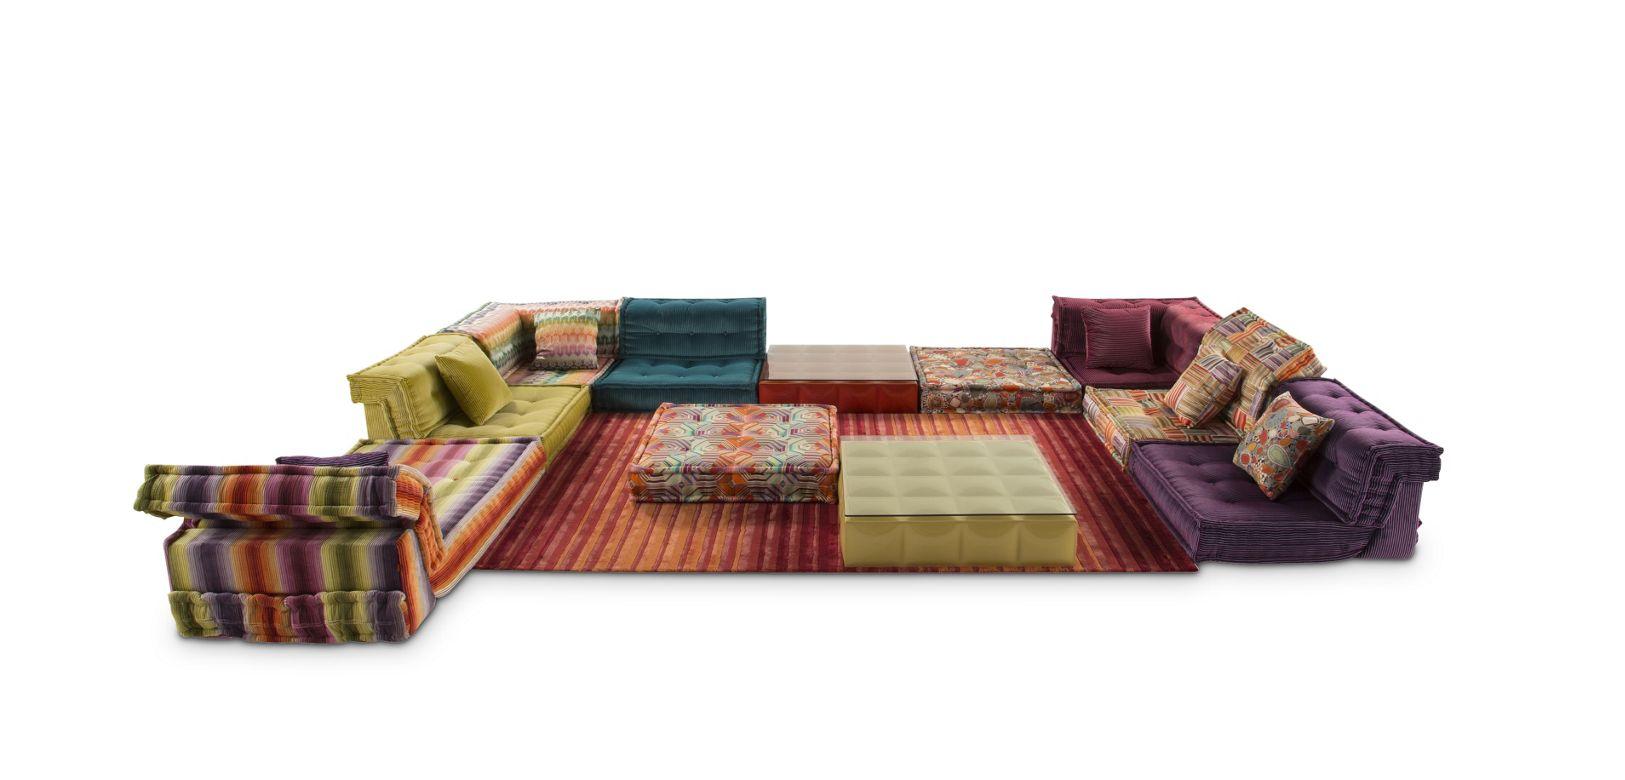 Mah jong sofa roche bobois - Canape composable mah jong ...